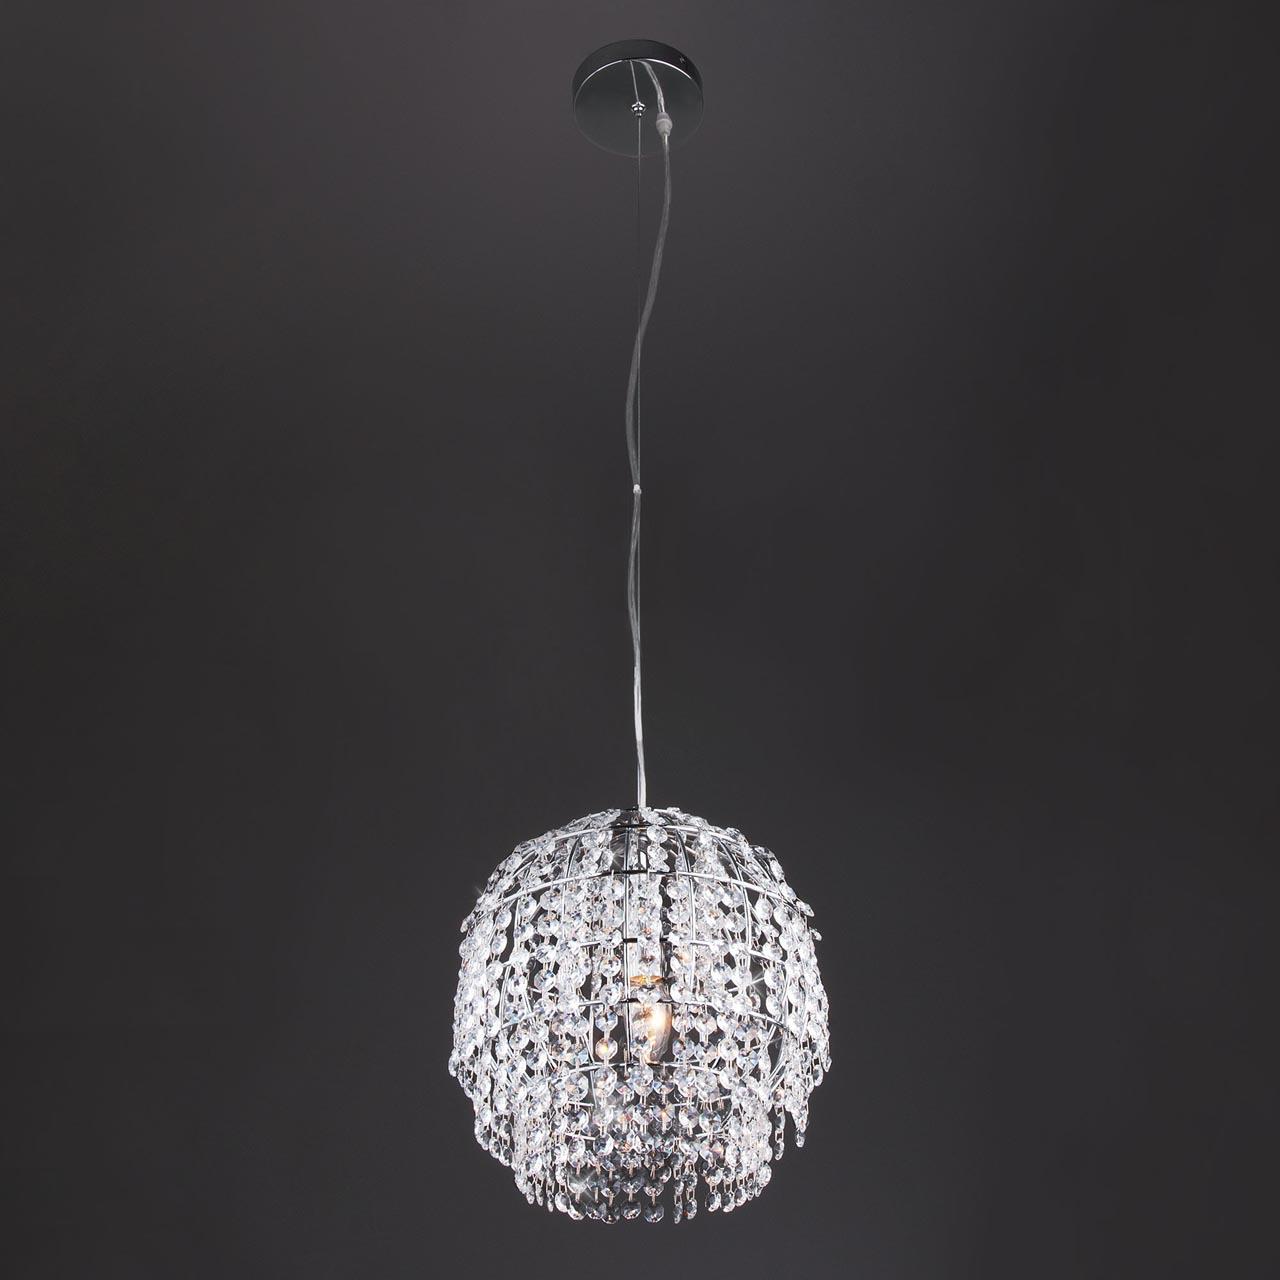 Подвесной светильник Eurosvet Oliver 10091/1 хром/прозрачный хрусталь Strotskis msk2541b 5962 9083801hxc